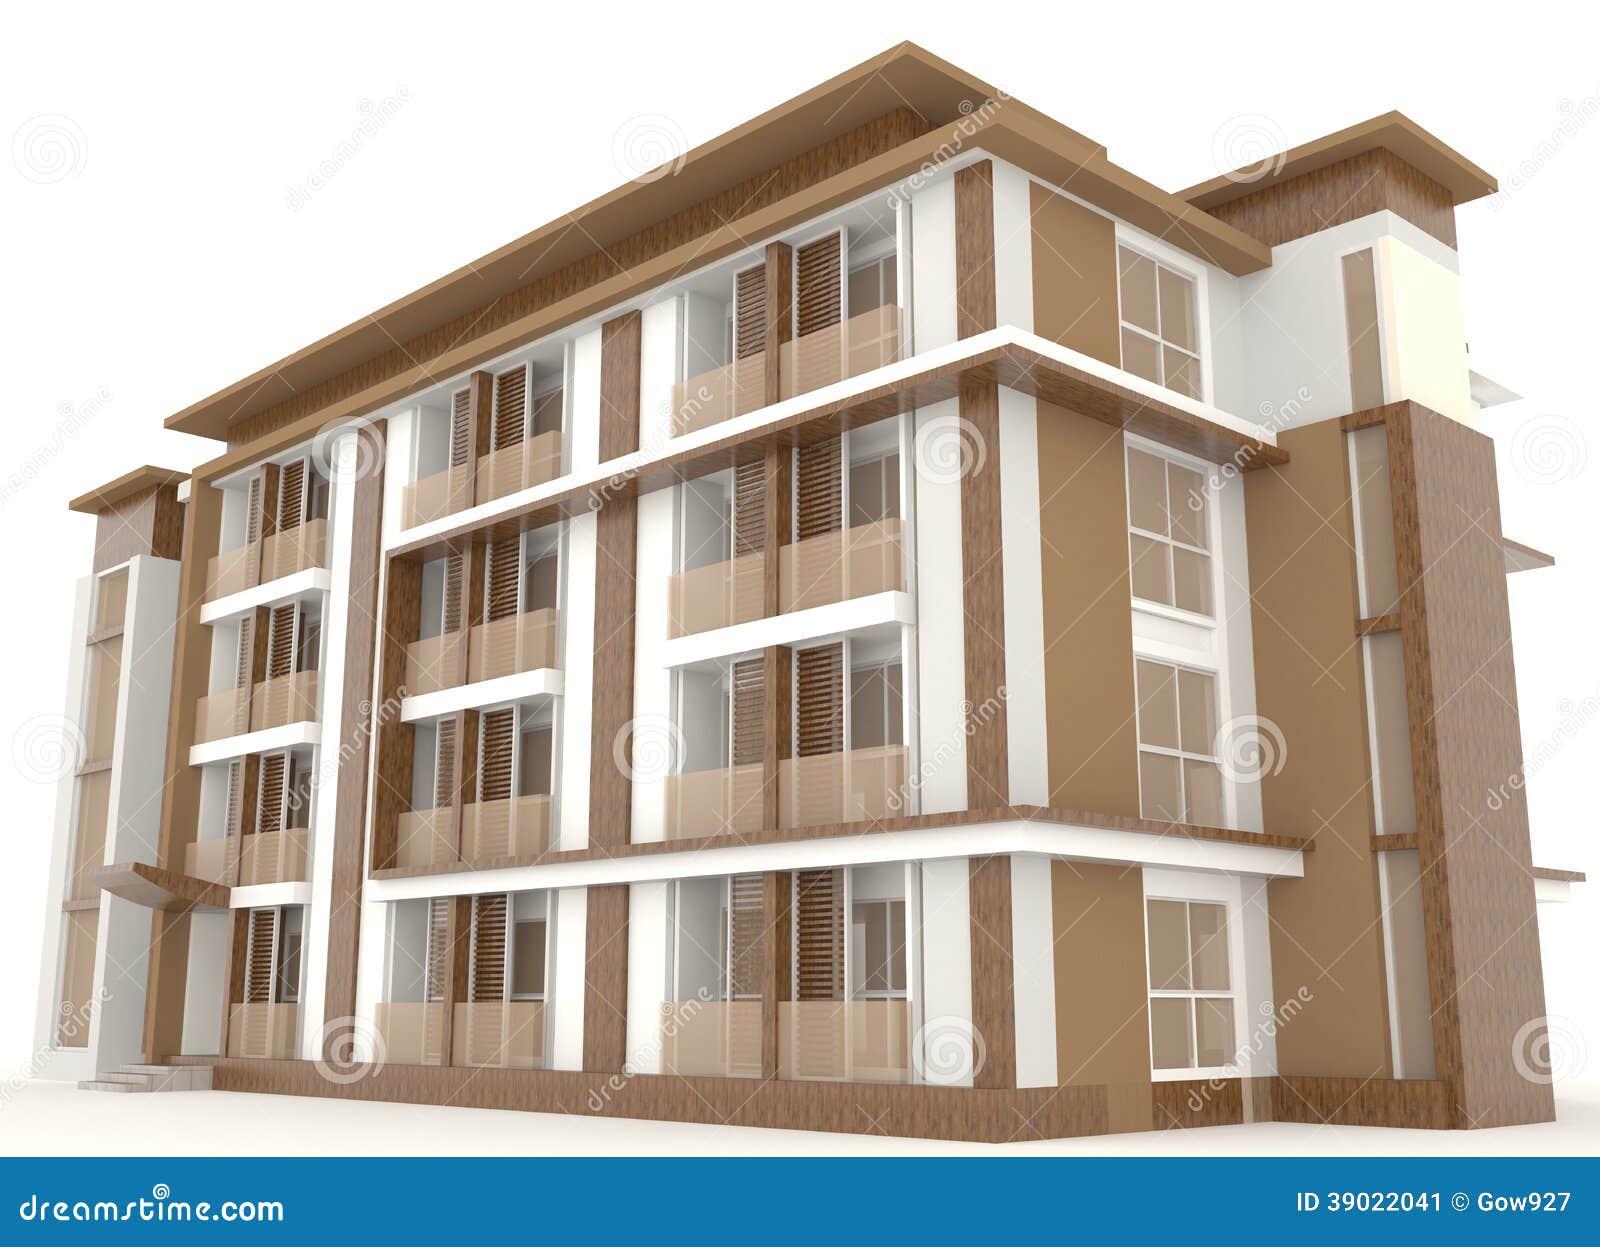 C t d 39 isolat ext rieur en bois d 39 immeuble des bureaux 3d for Immeuble bureau plan